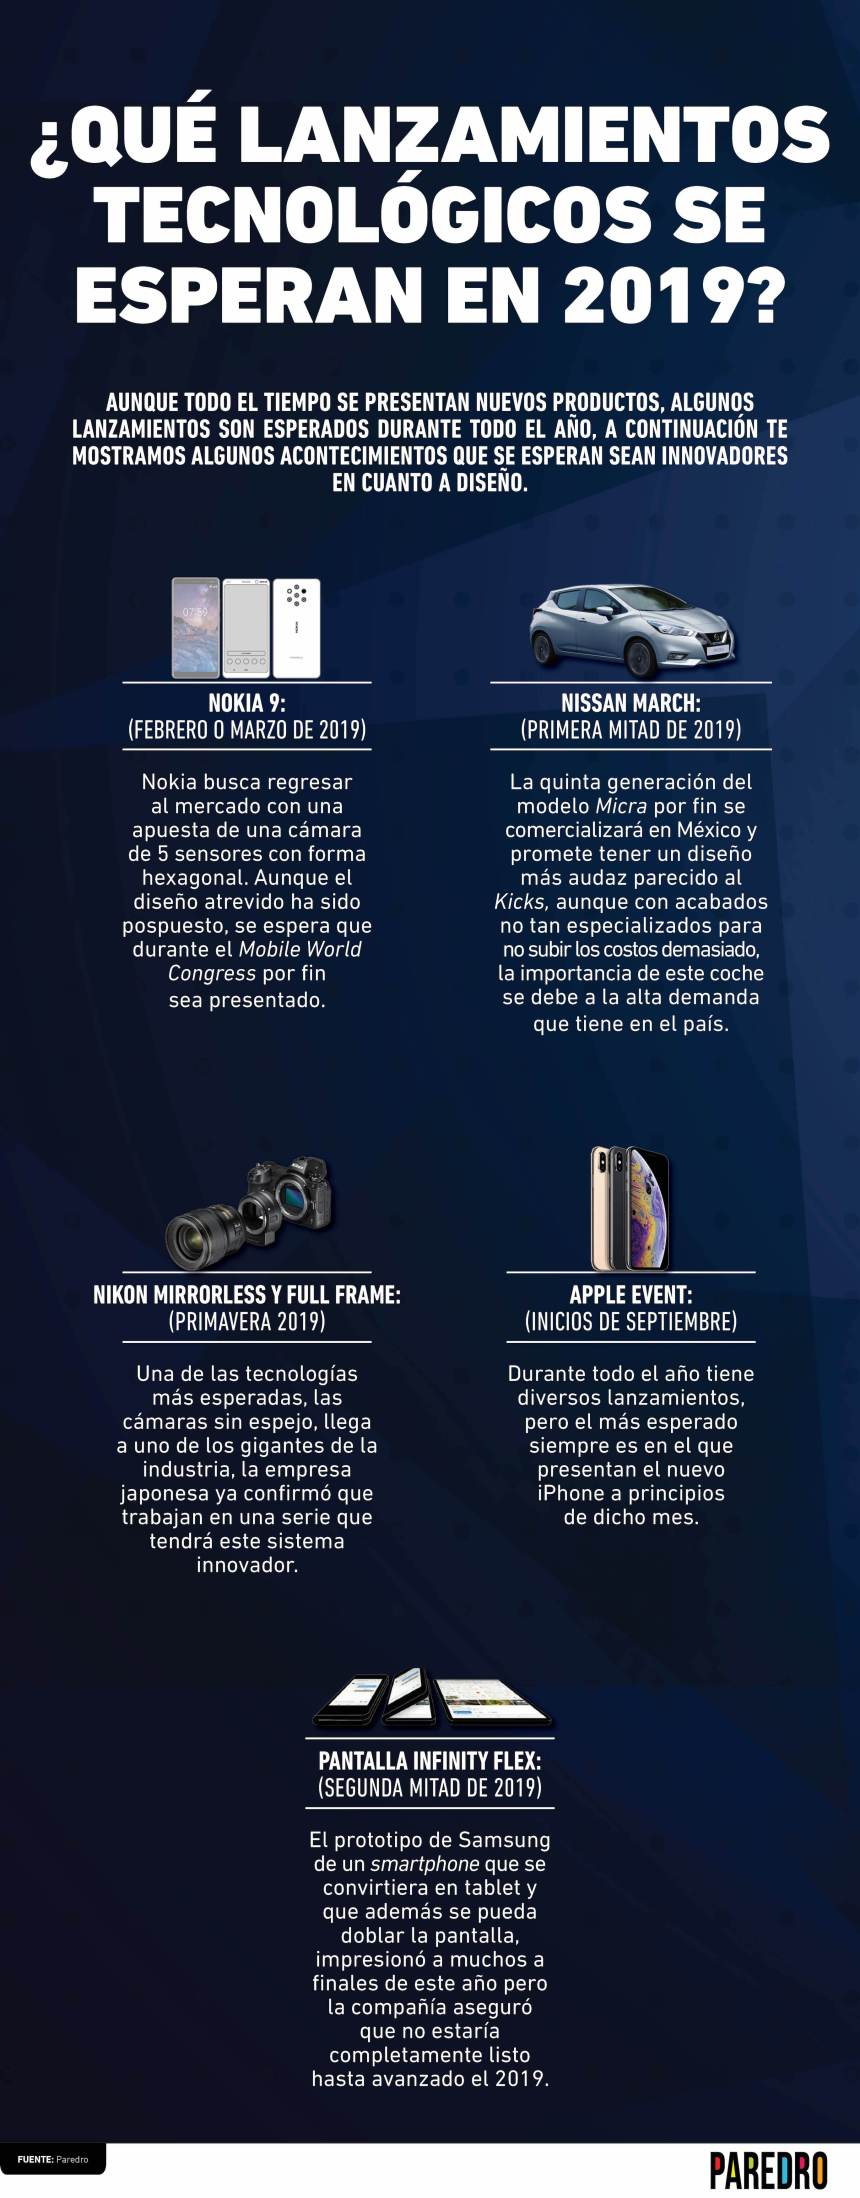 Algunos lanzamientos tecnológicos previstos para 2019